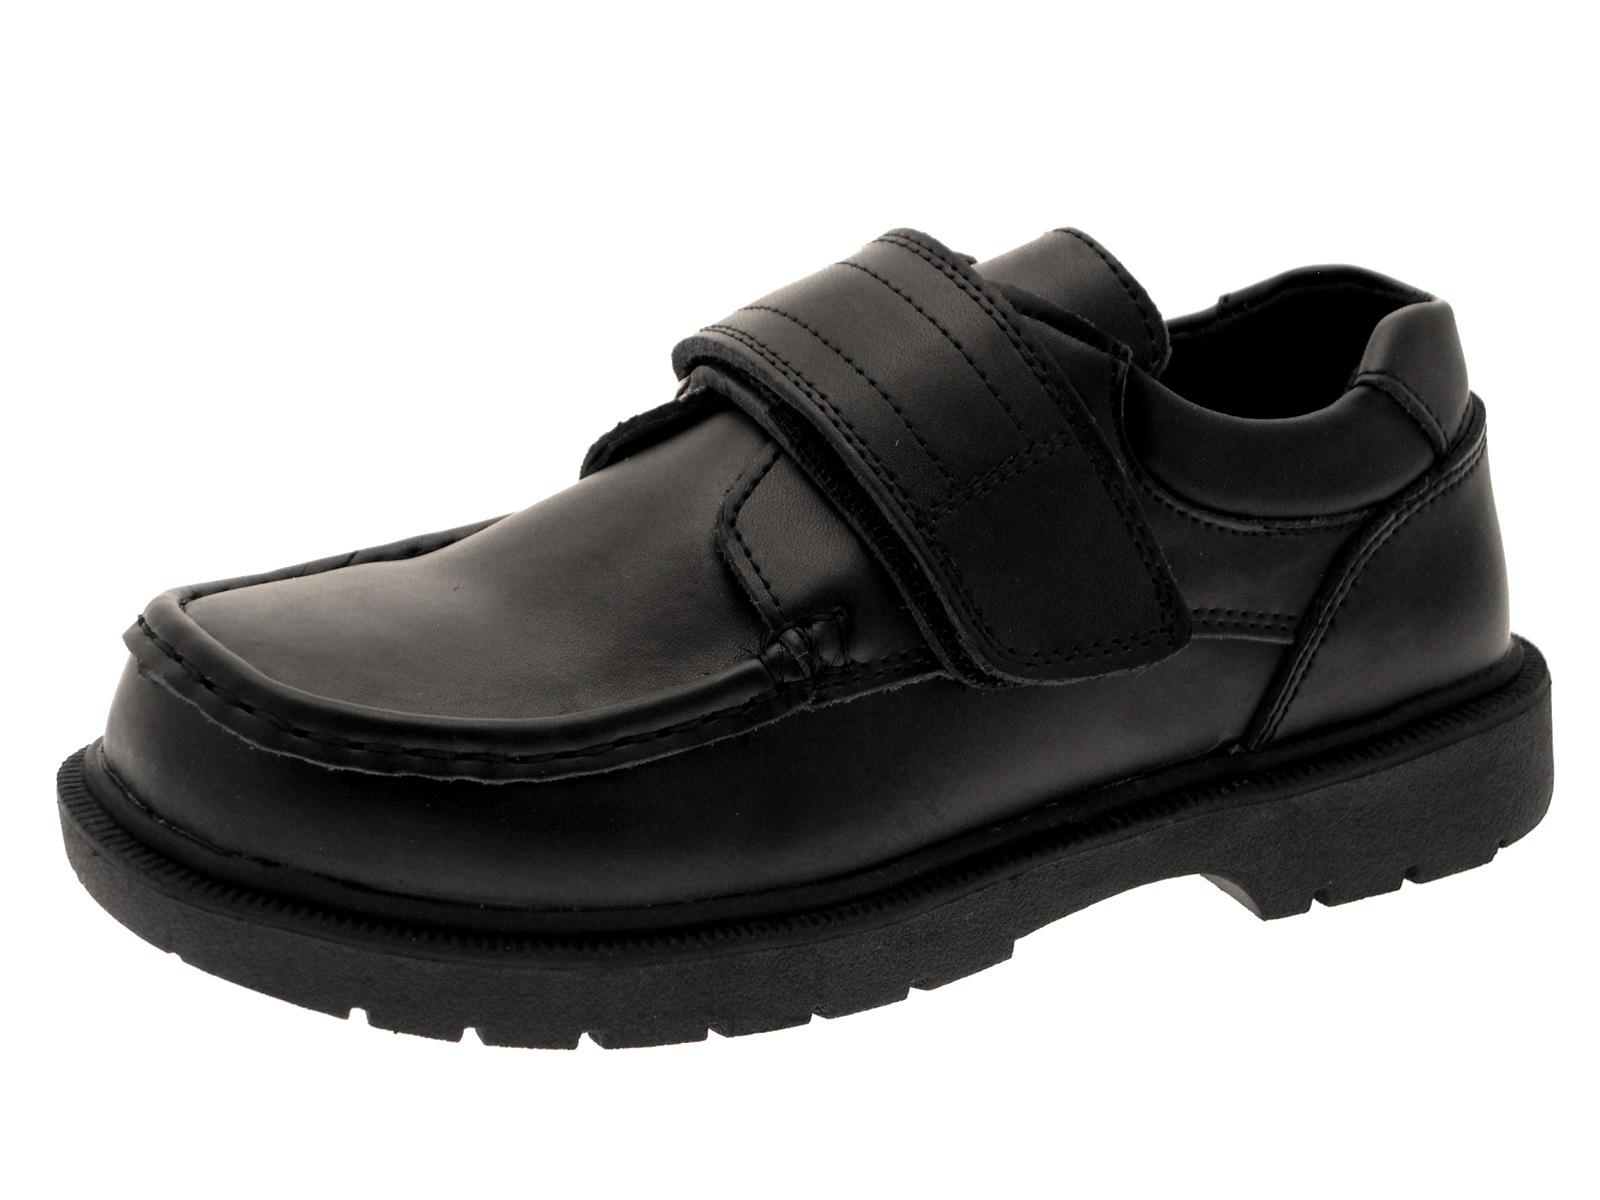 Flat High School Shoes